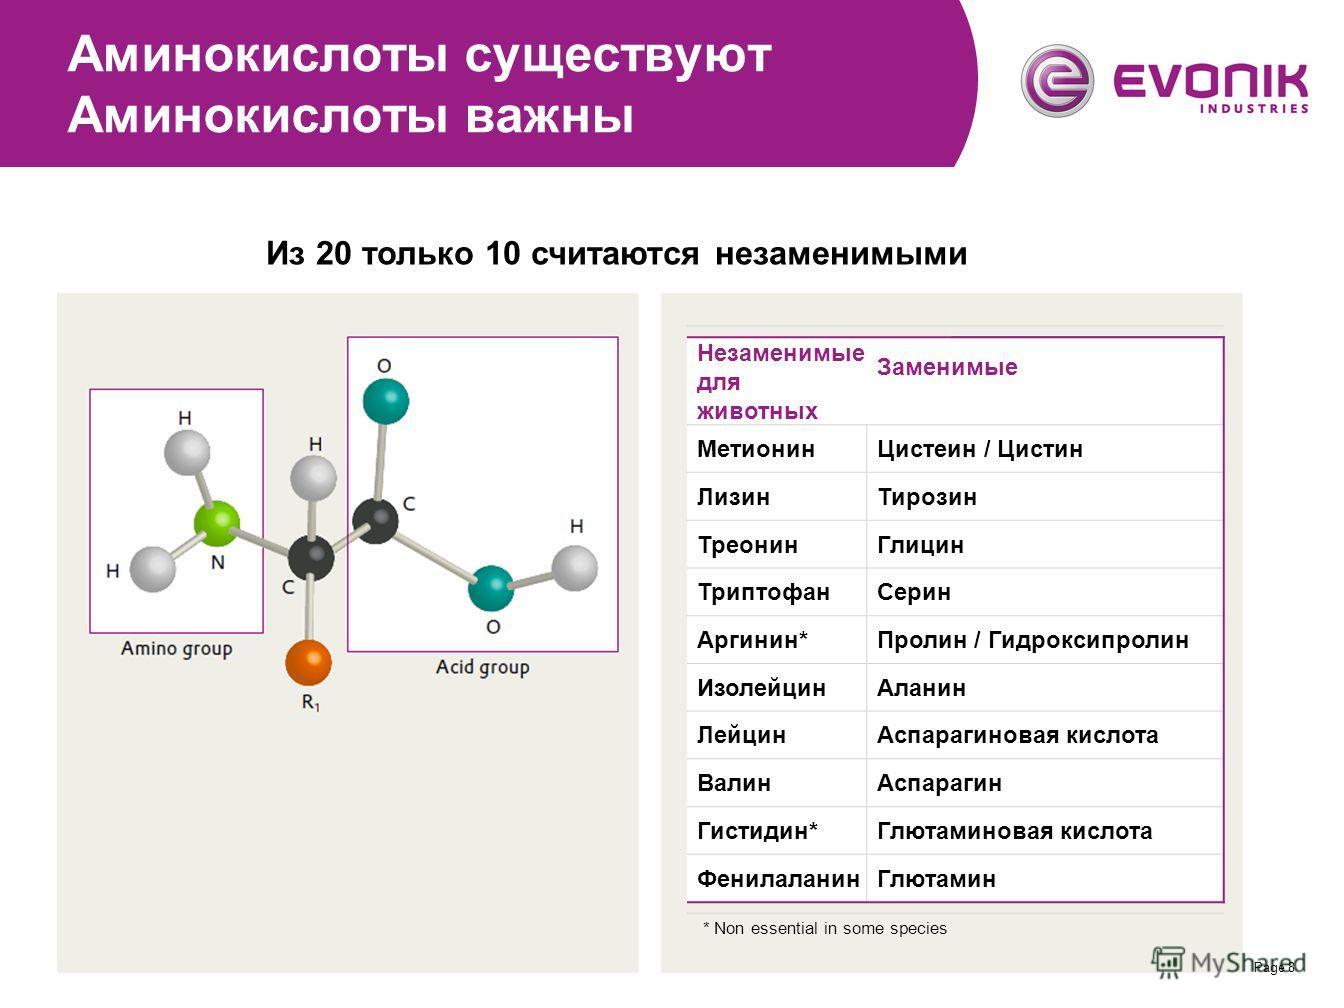 Page 8 Аминокислоты существуют Аминокислоты важны Незаменимые для животных Заменимые МетионинЦистеин / Цистин ЛизинТирозин ТреонинГлицин ТриптофанСерин Аргинин*Пролин / Гидроксипролин ИзолейцинАланин ЛейцинАспарагиновая кислота ВалинАспарагин Гистиди